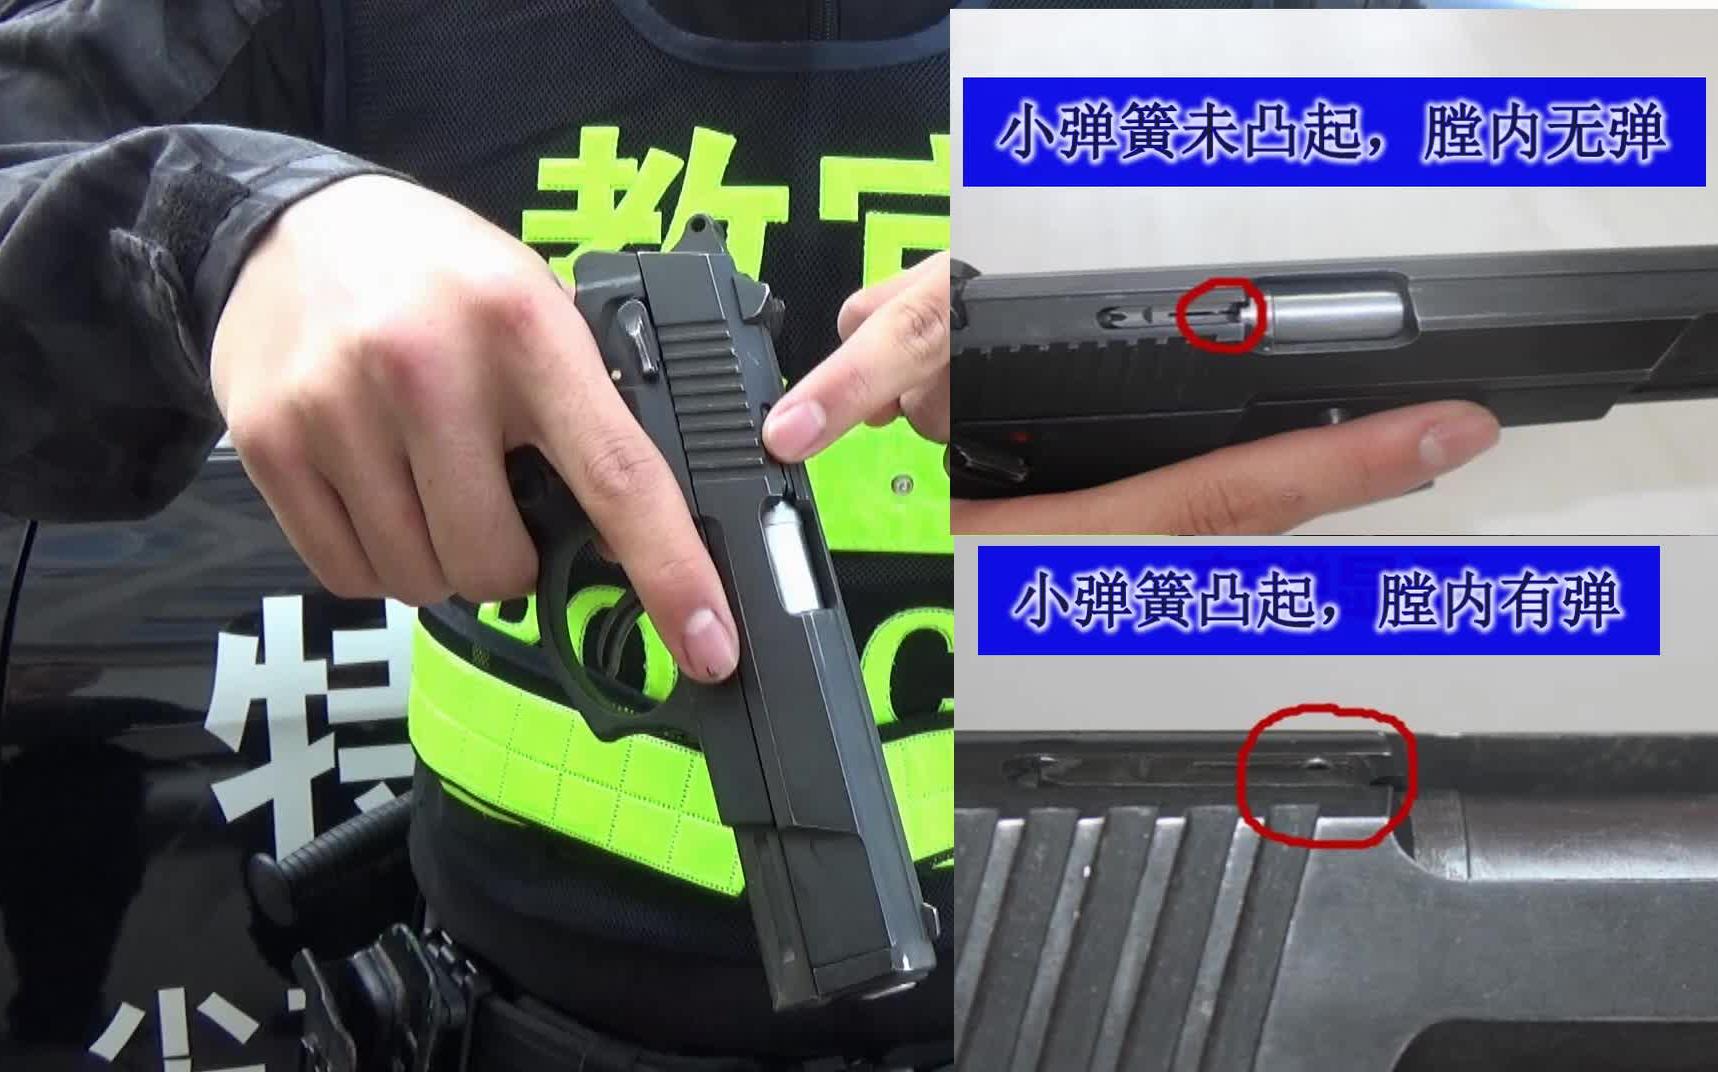 92式手枪交接、验枪的系统流程